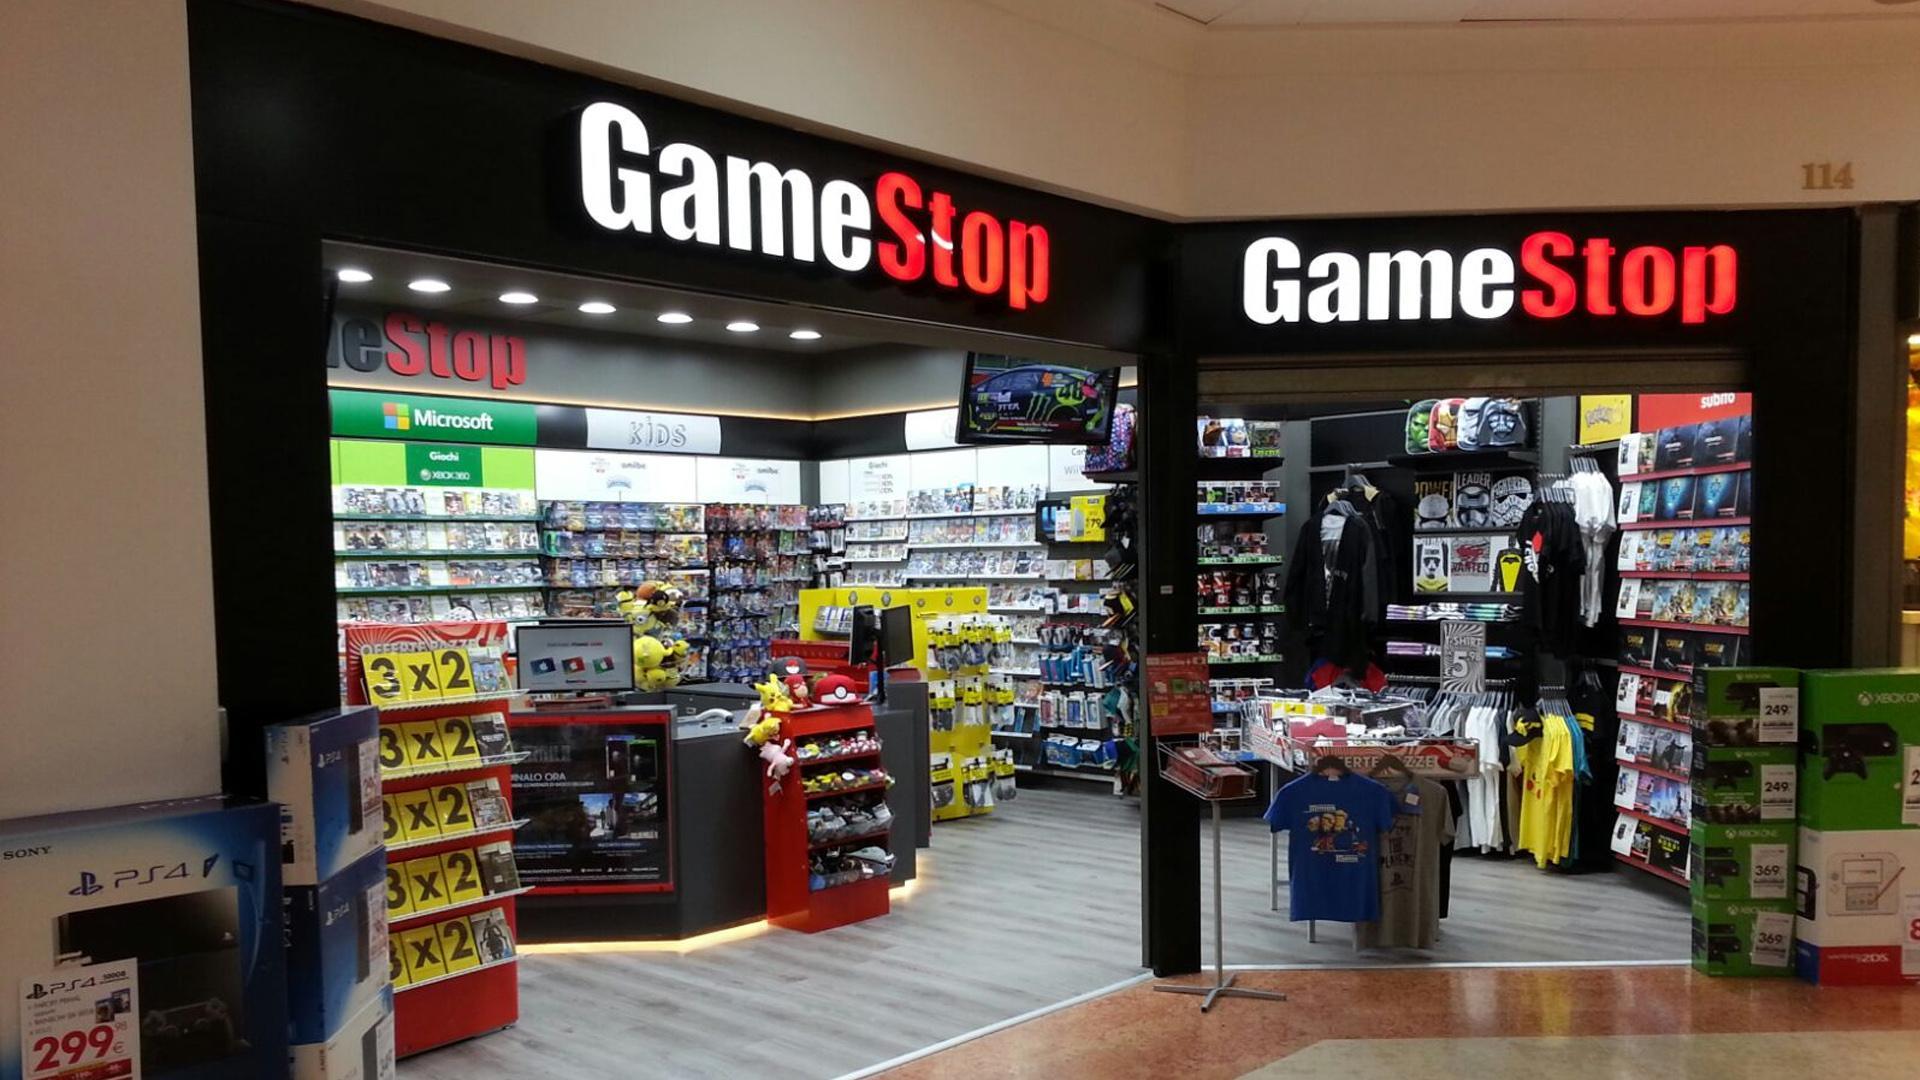 Real Gamestop